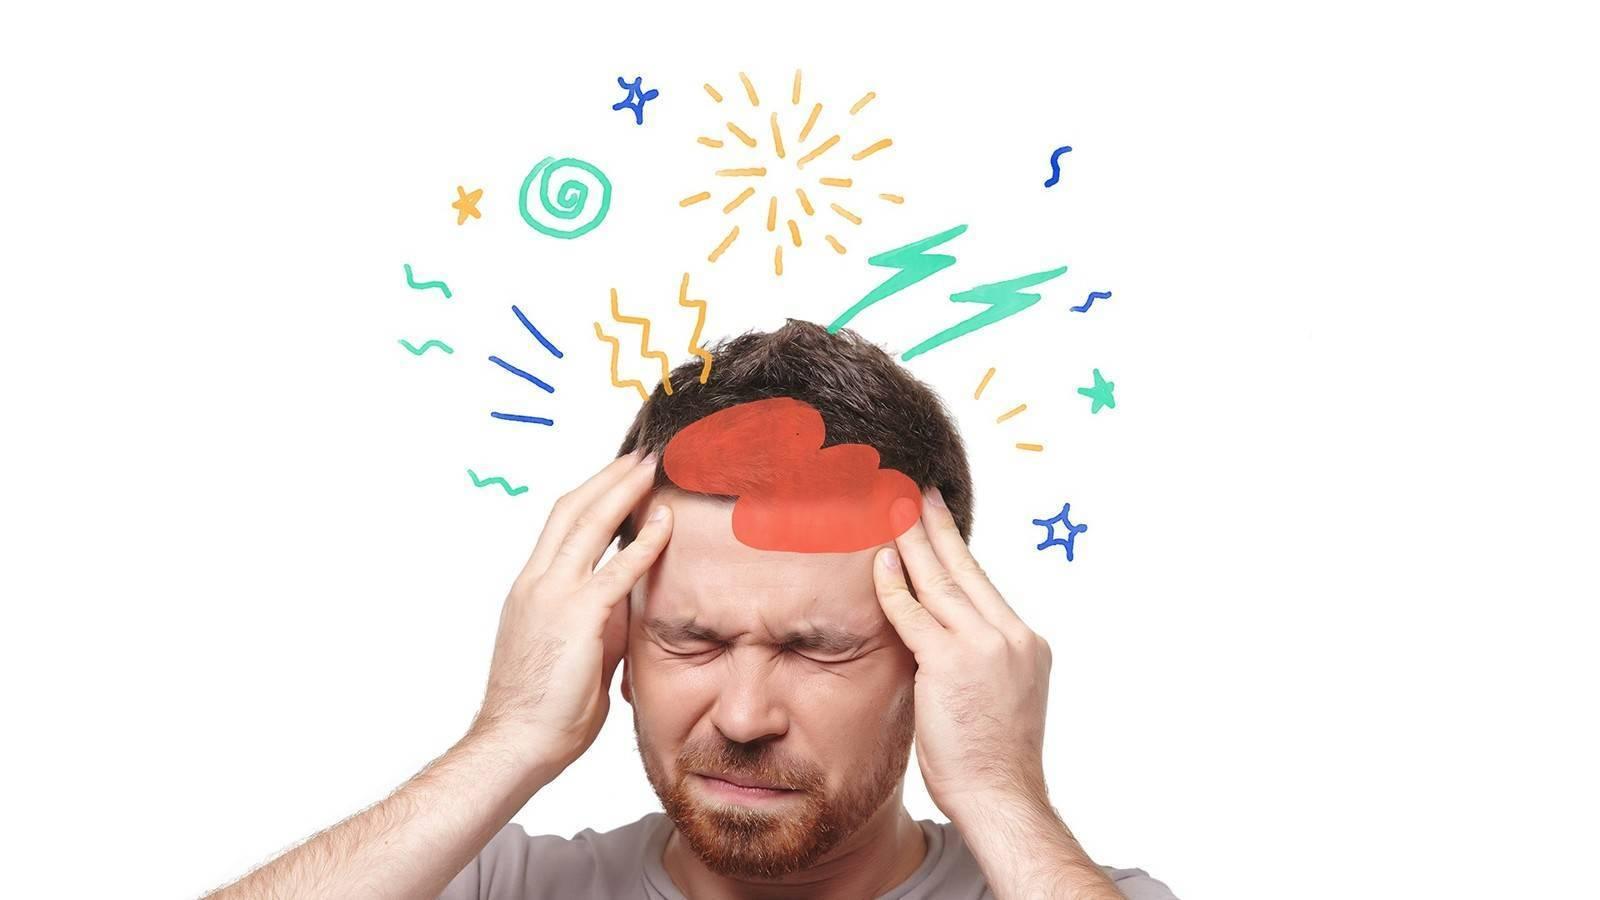 Что такое глиоз головного мозга и почему он возникает?